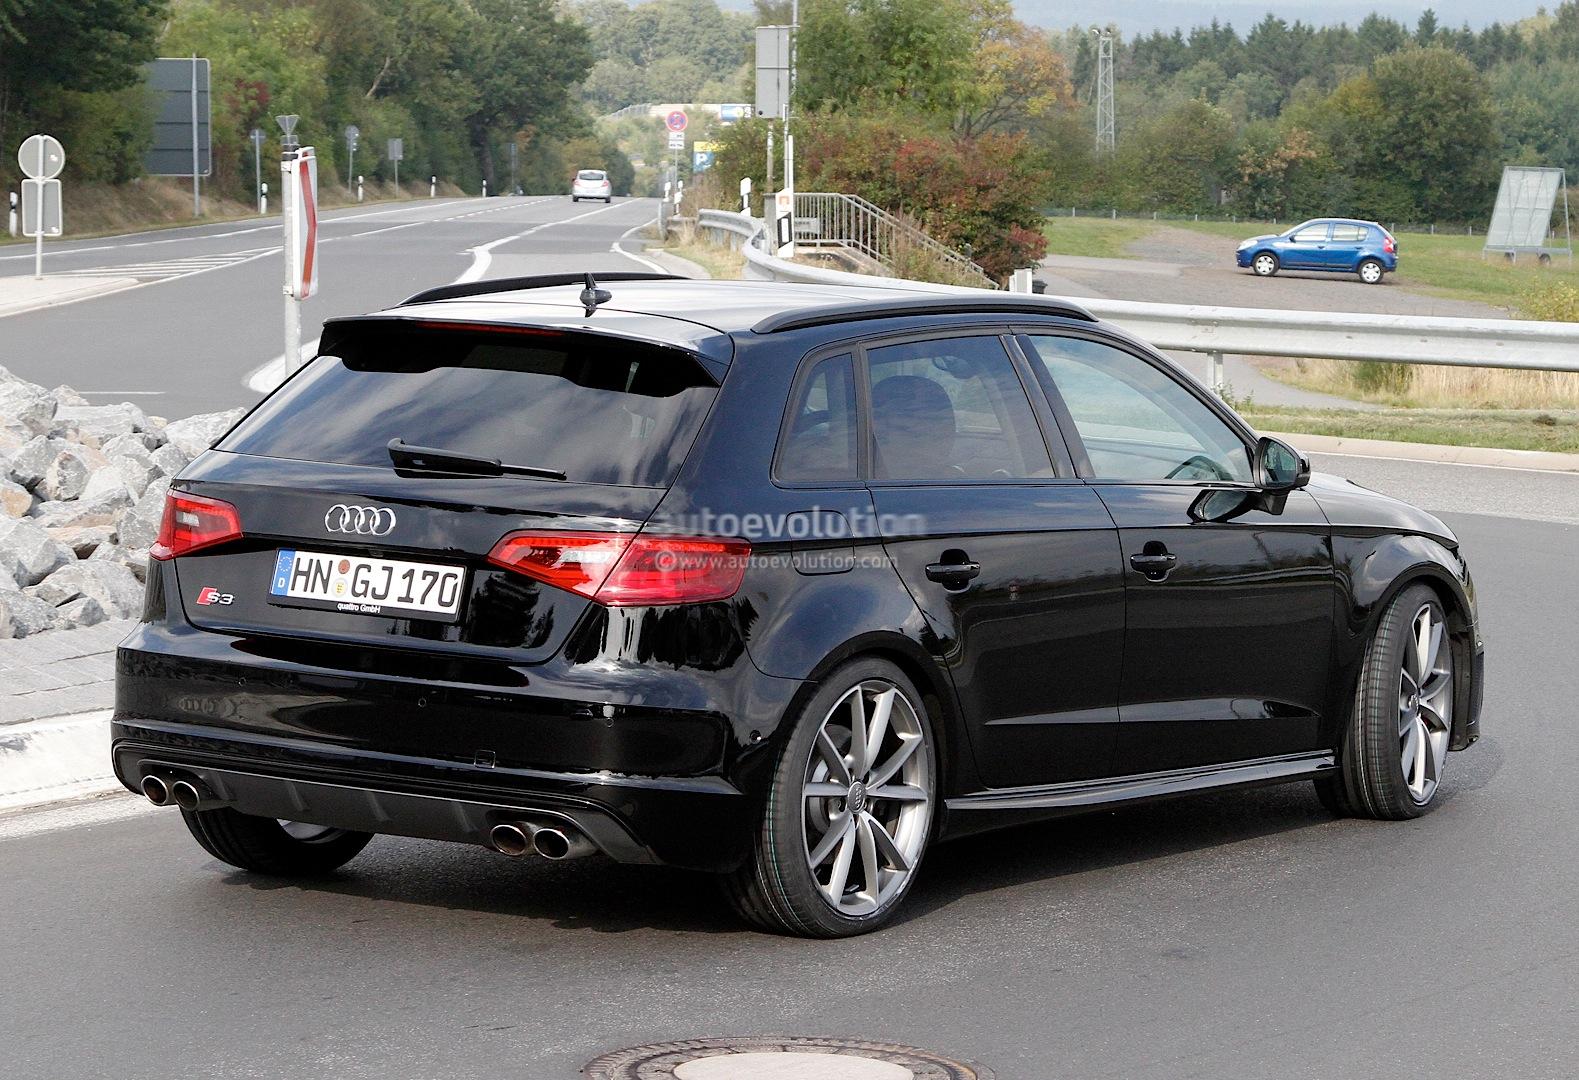 S0-La-future-Audi-RS3-surprise-aux-abords-du-Ring-304608